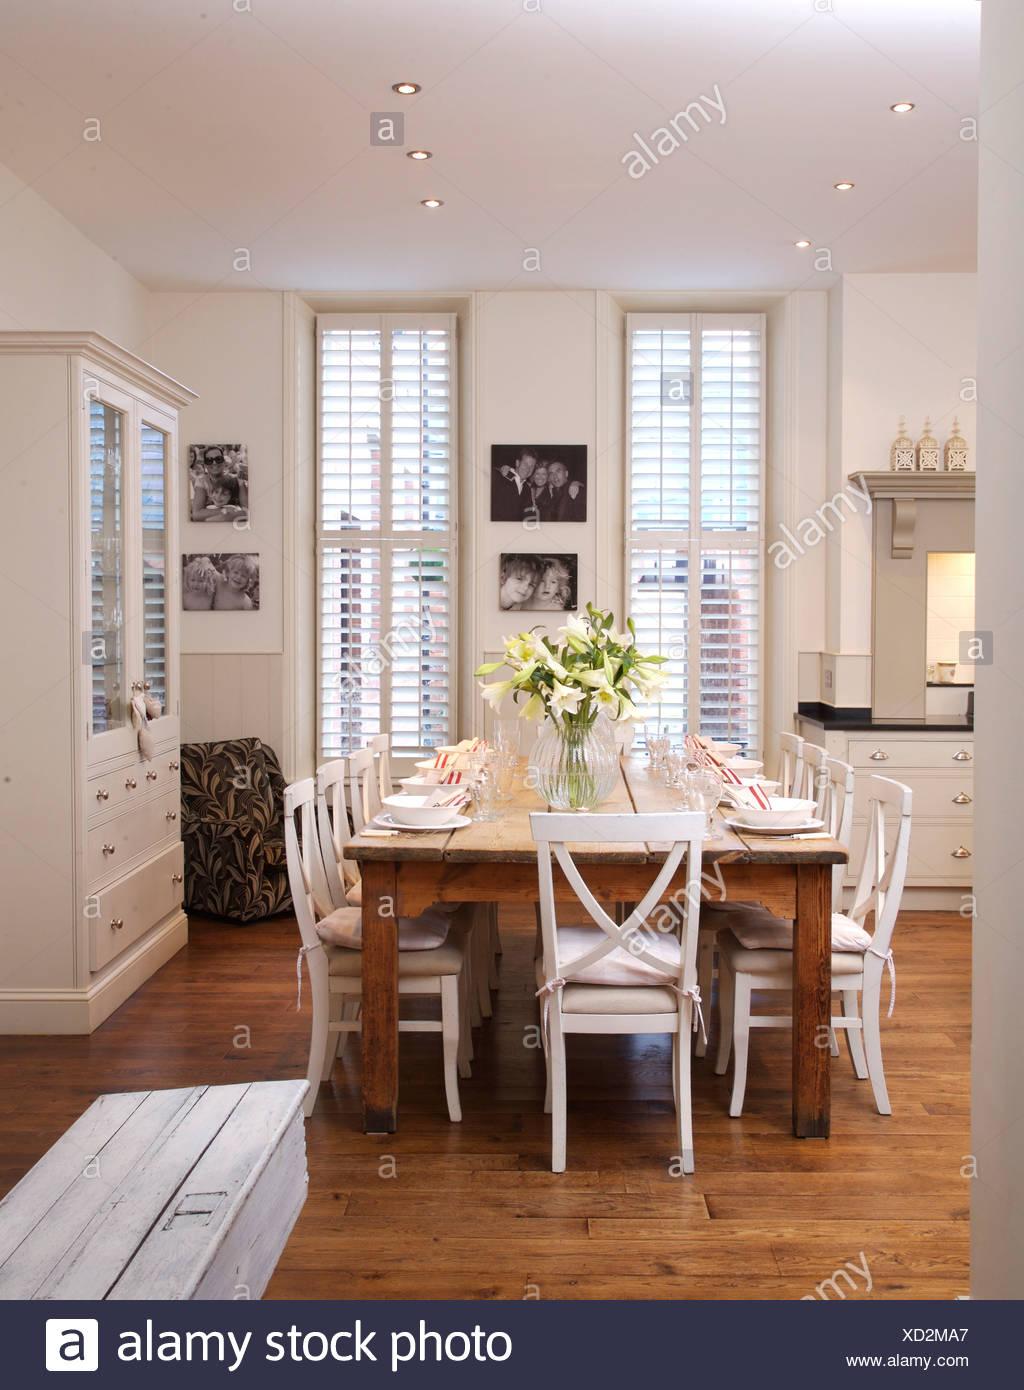 Blickfang Moderne Stuehle Esszimmer Ideen Von Weiße Stühle Bei Einfachen Holztisch In Modernen